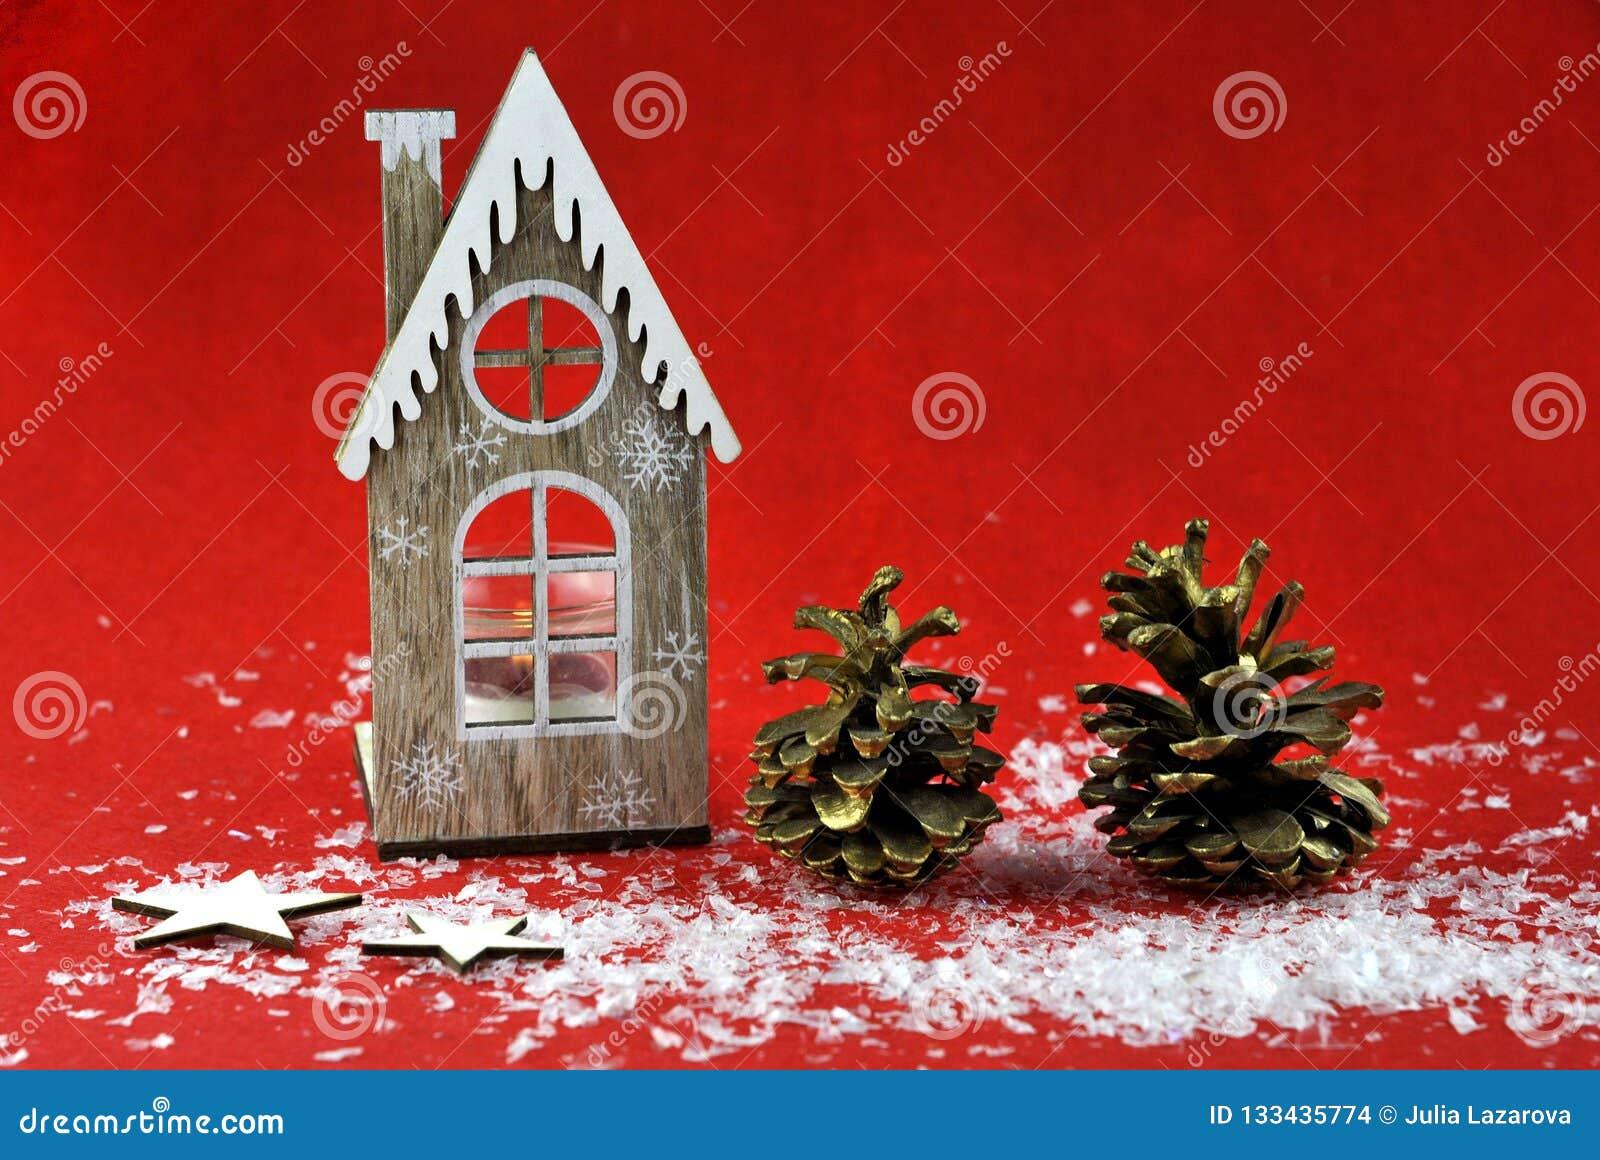 Decoración de la Navidad con las velas aromáticas